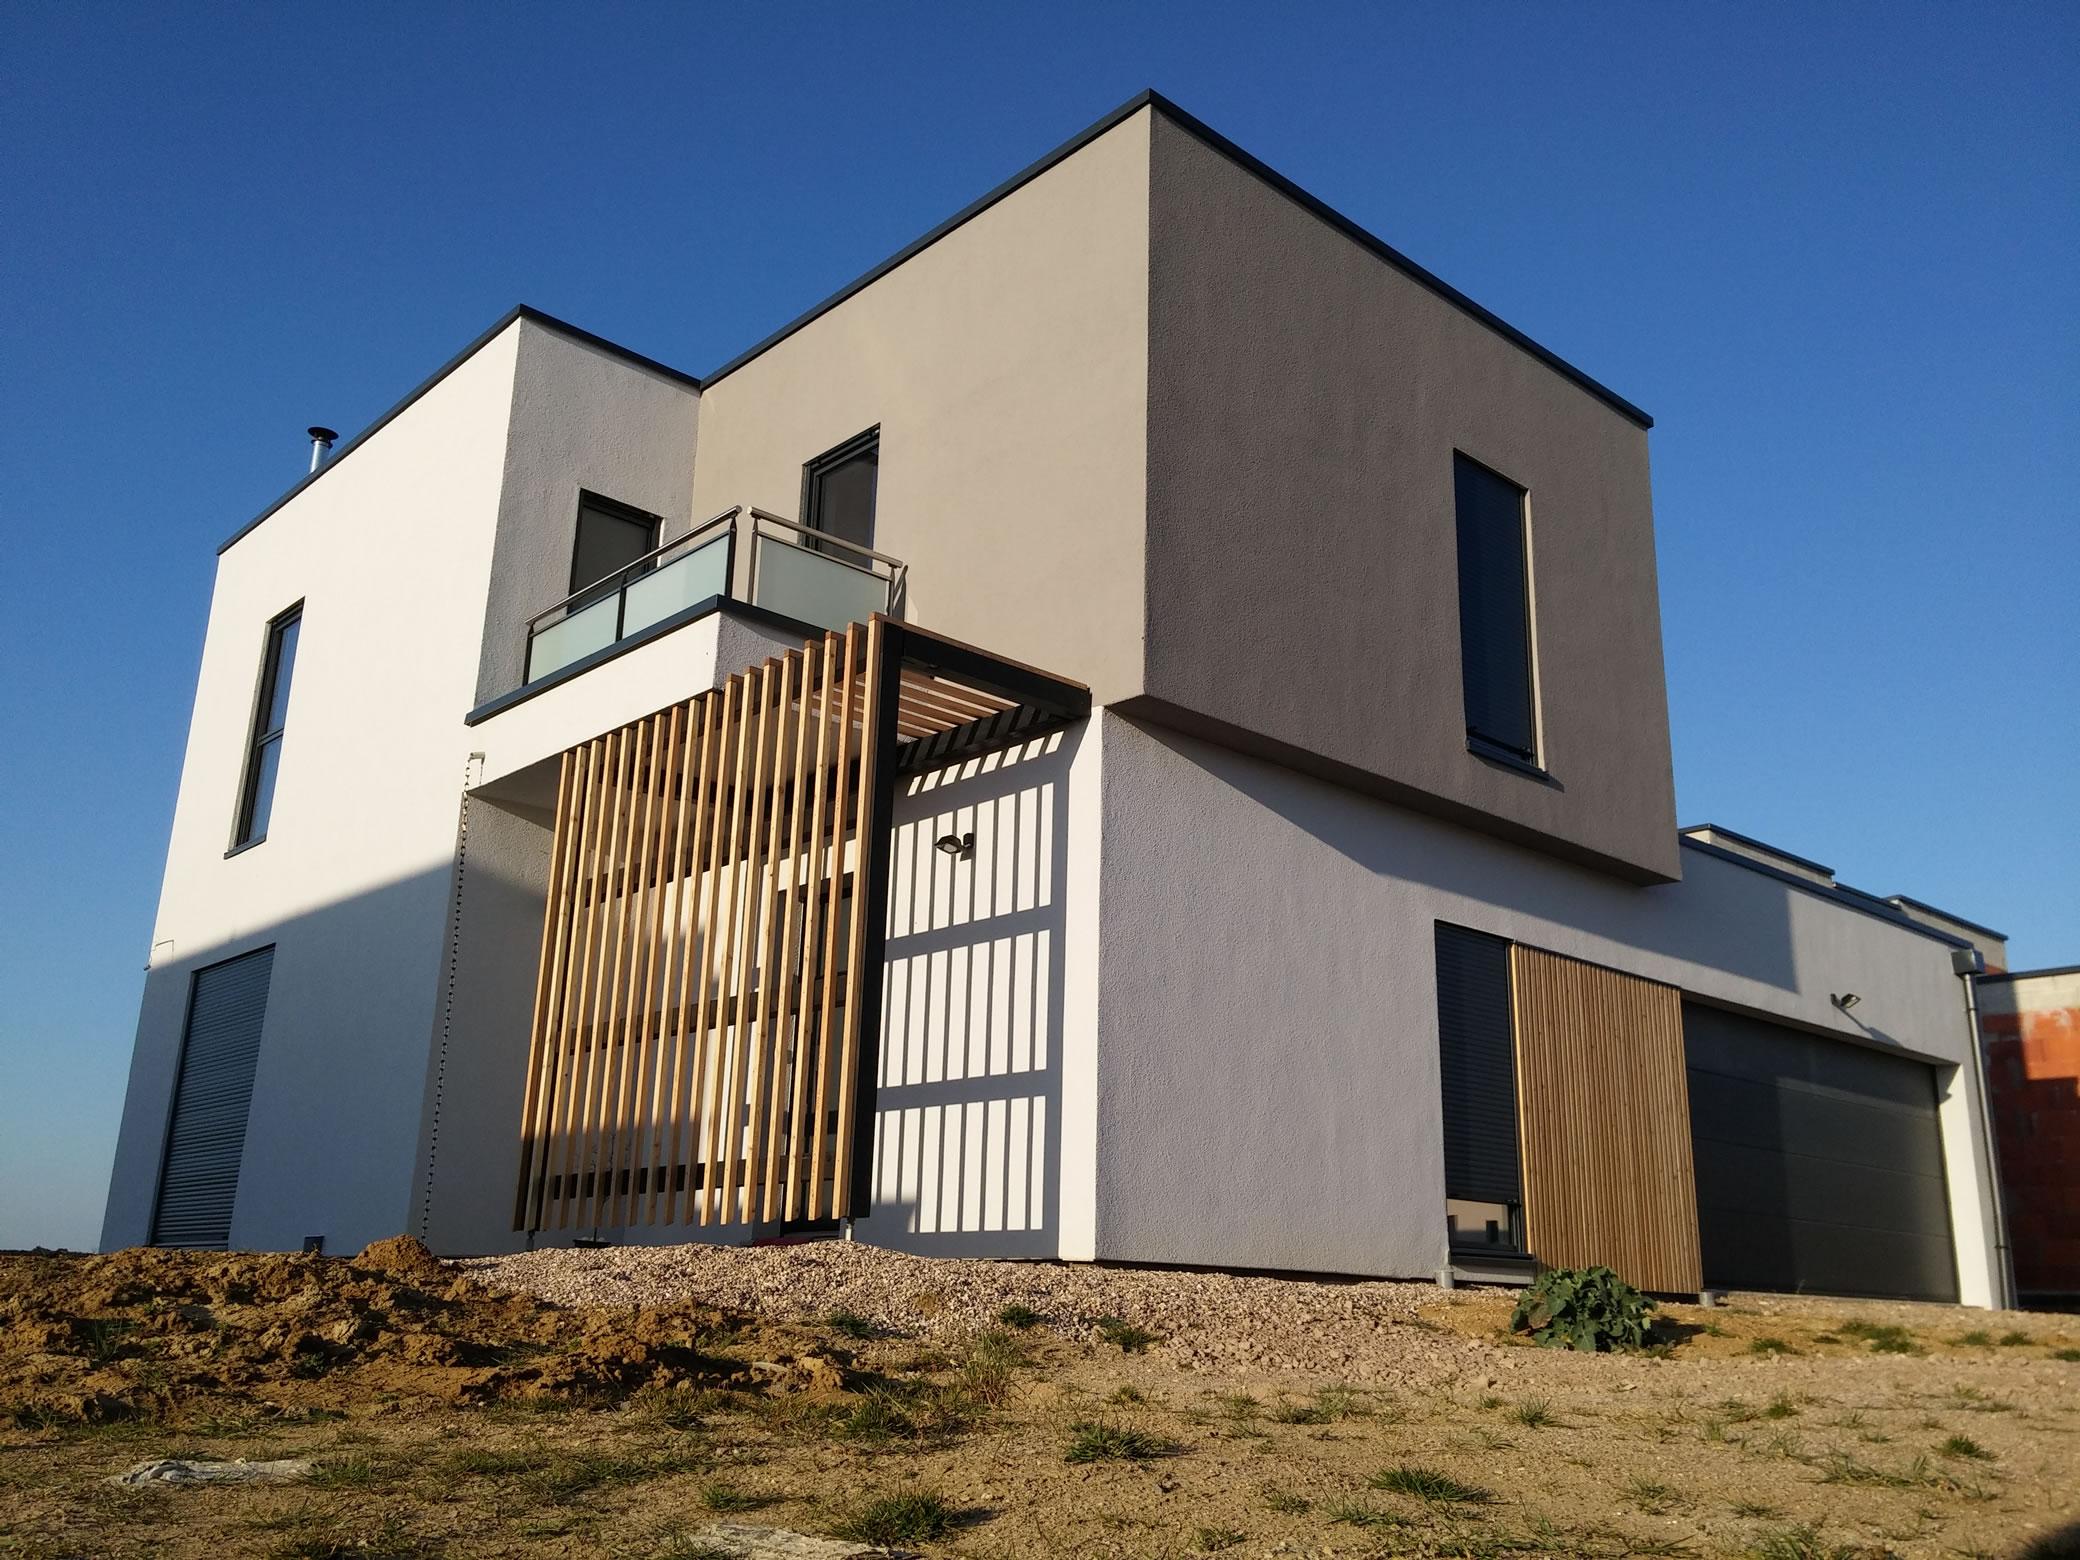 Best prix maison bois m knutange rdc m maison ossature for Prix construction maison 200m2